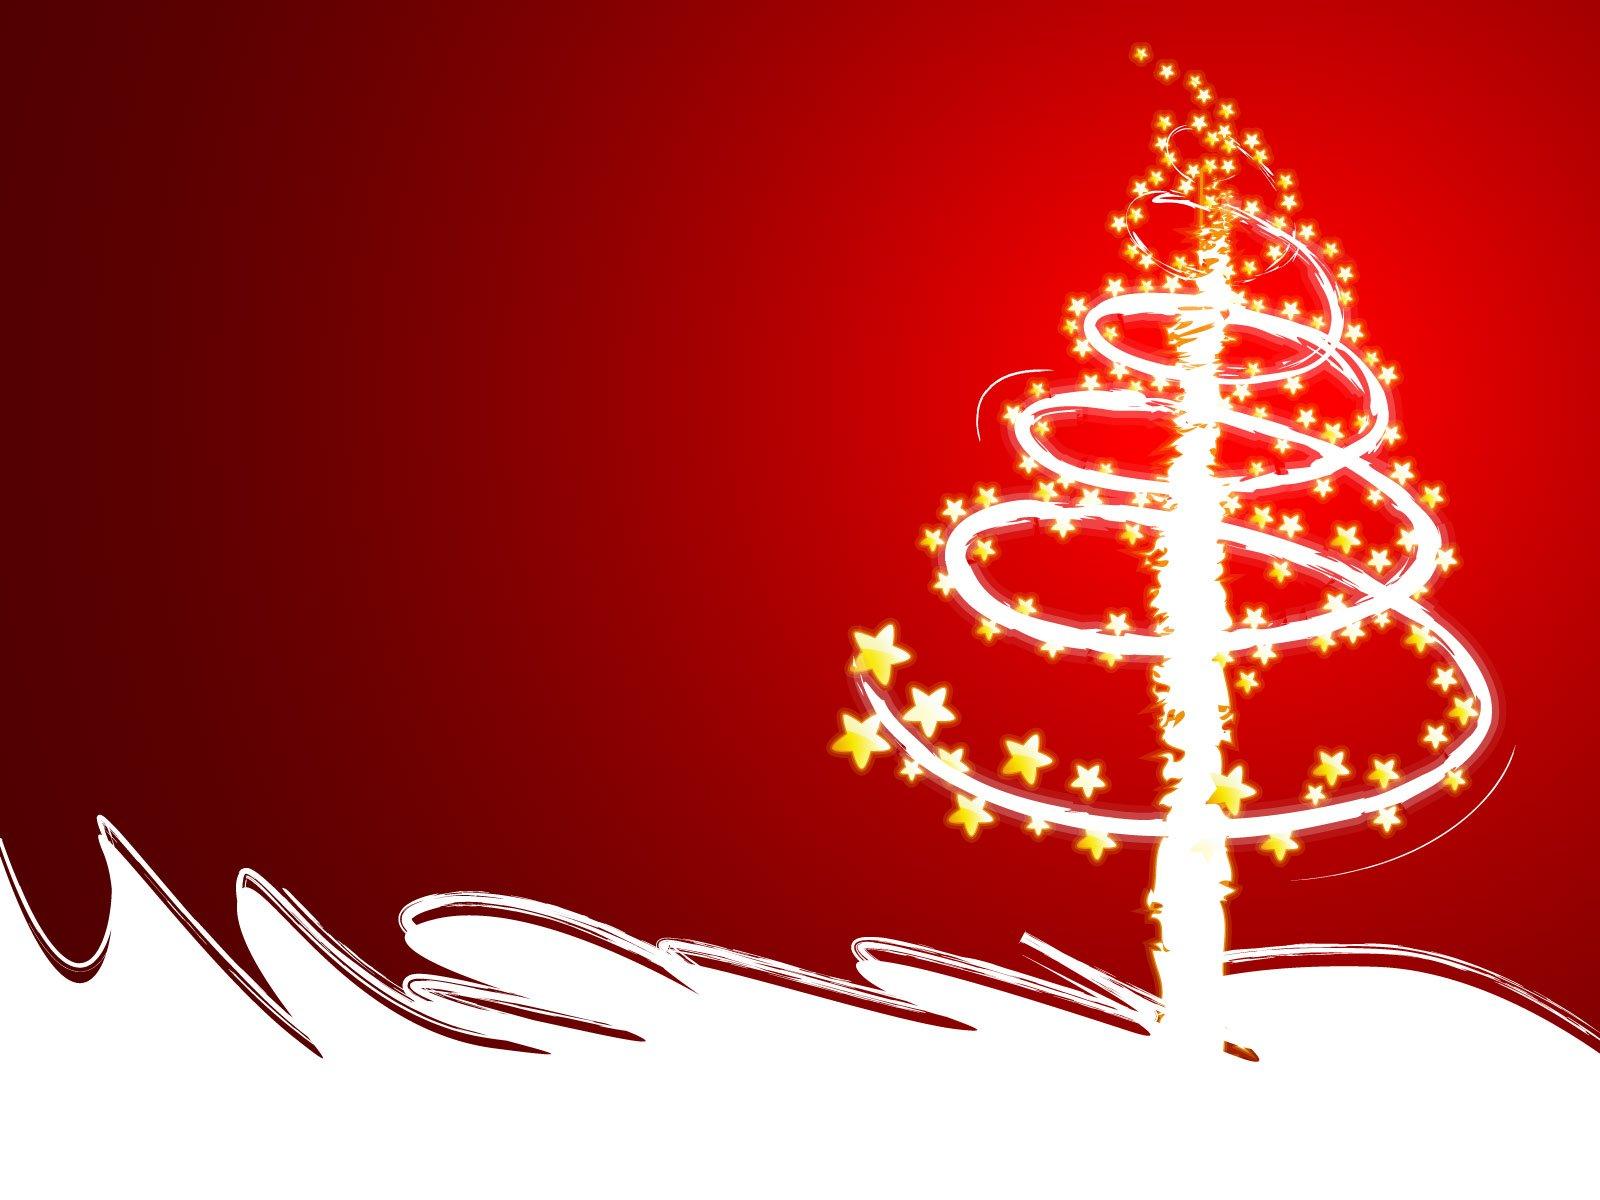 Господень иерусалим, новый год открытка в векторе